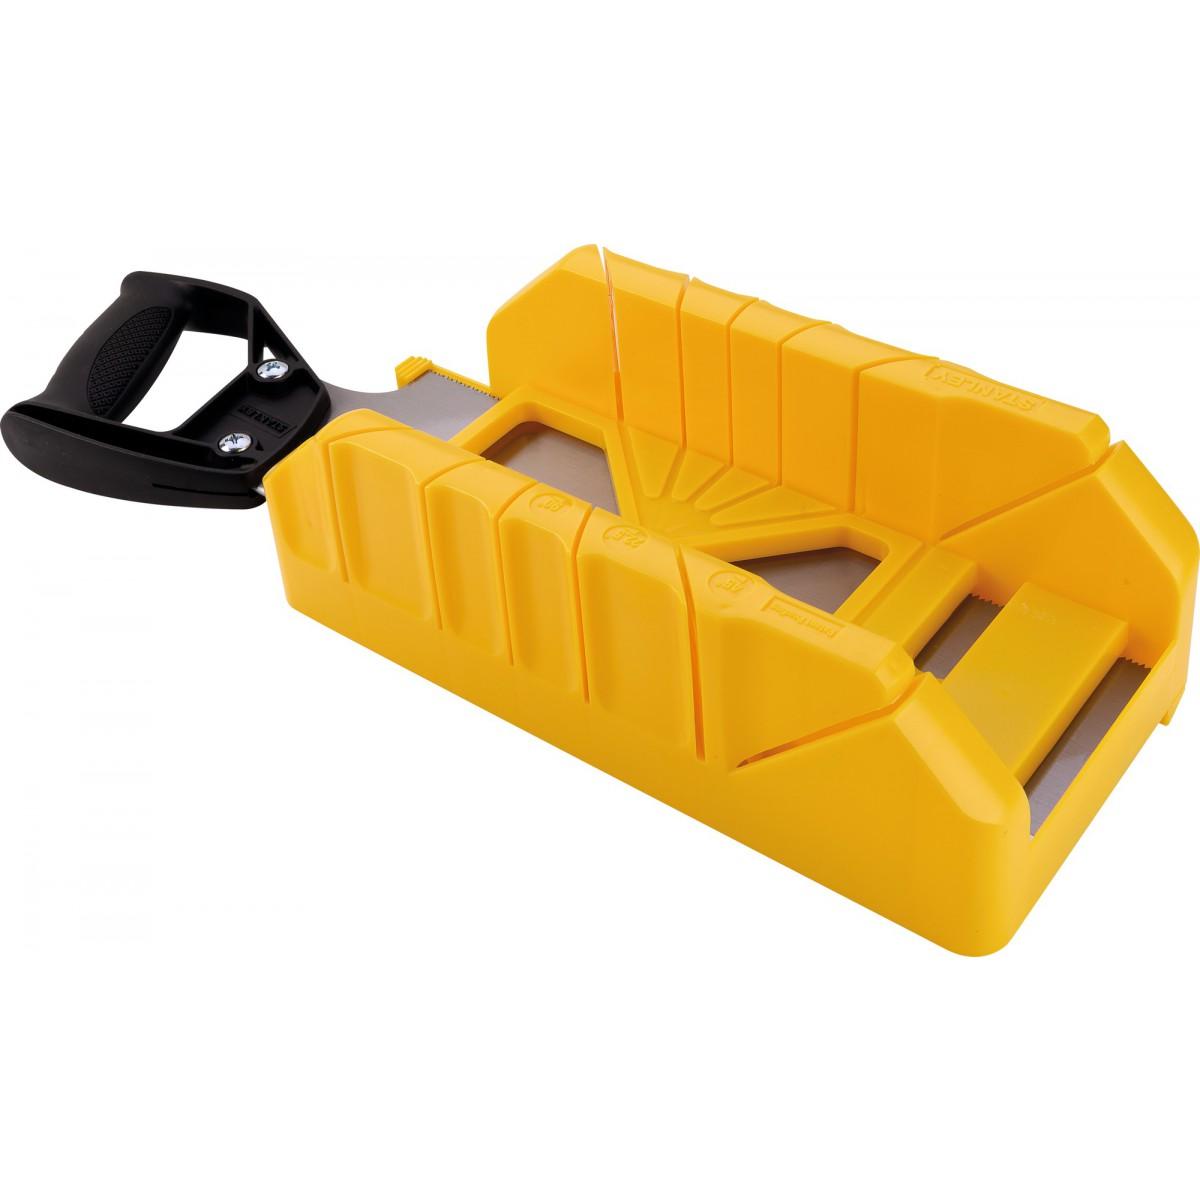 Boîte à coupe plastique + scie à dos Stanley - Longueur 350 mm